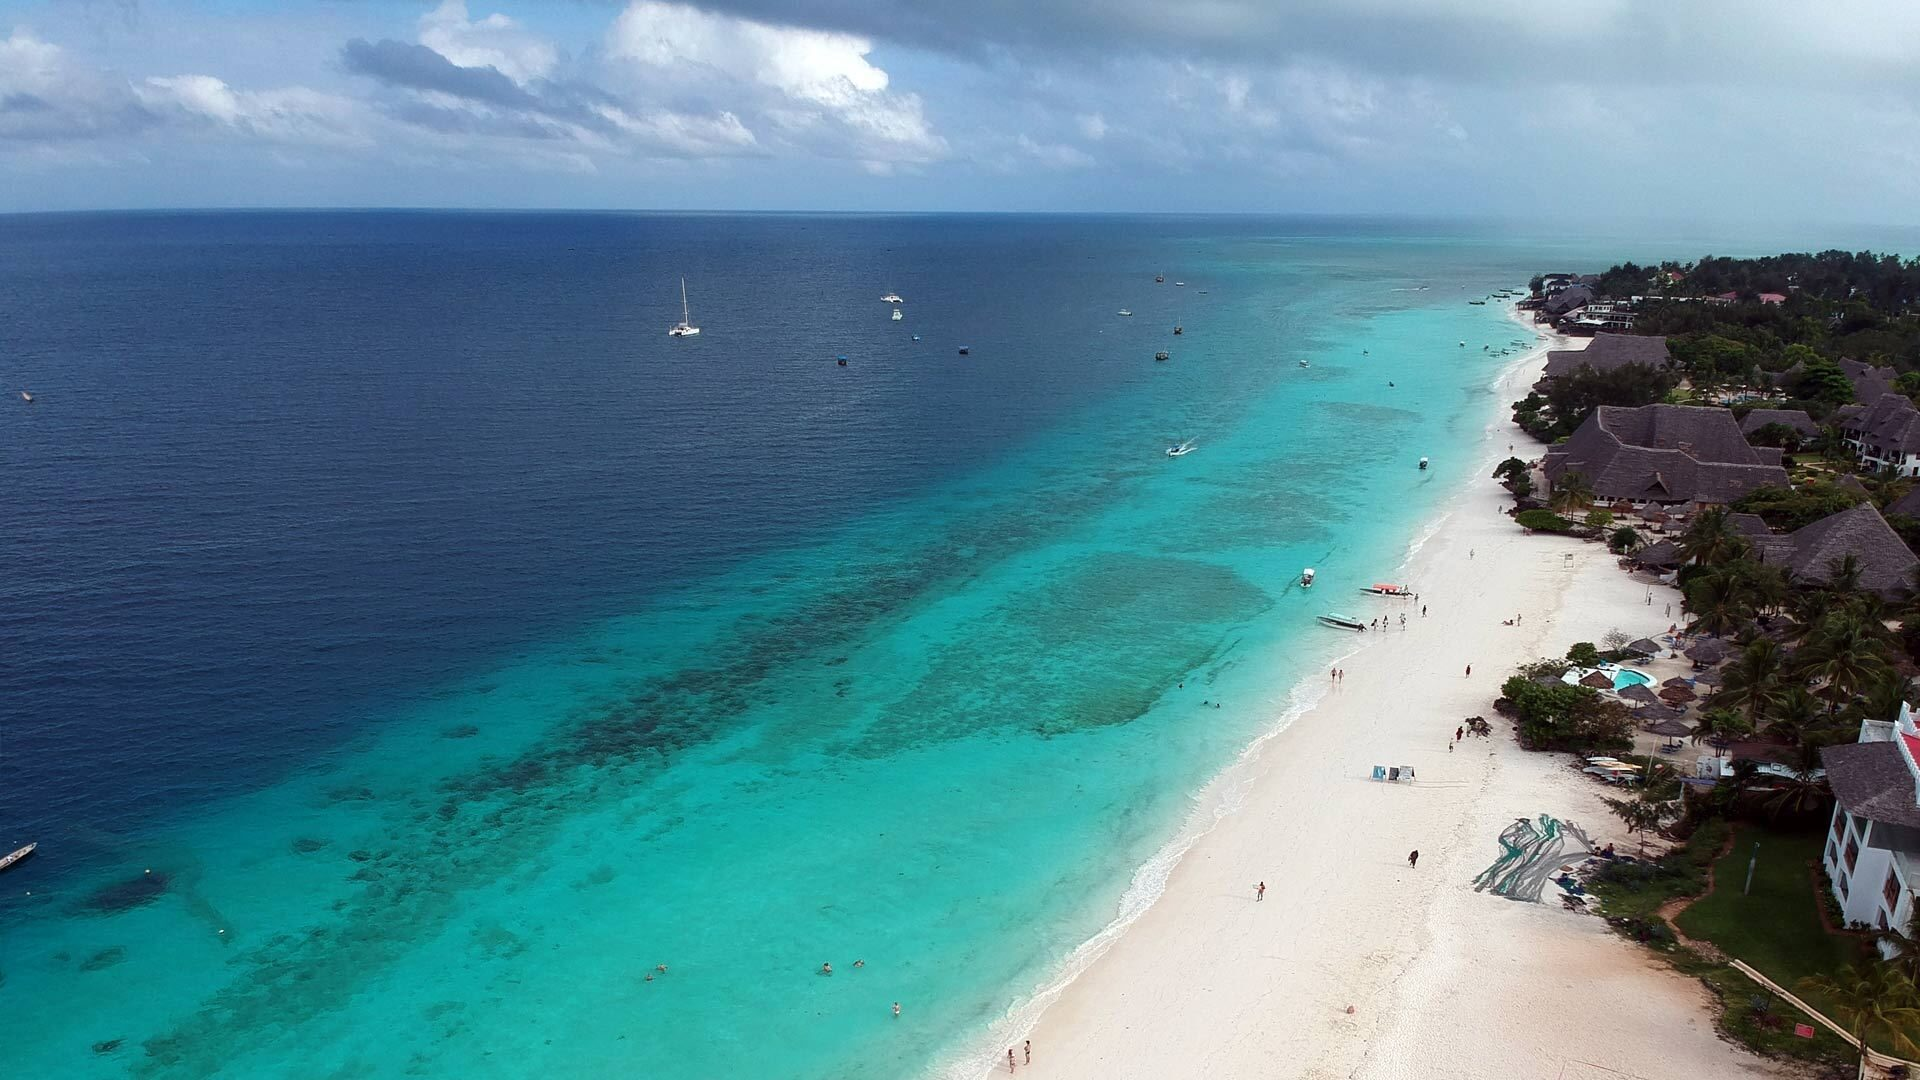 Jaka waluta jest na Zanzibarze? Zanzibar pieniądze